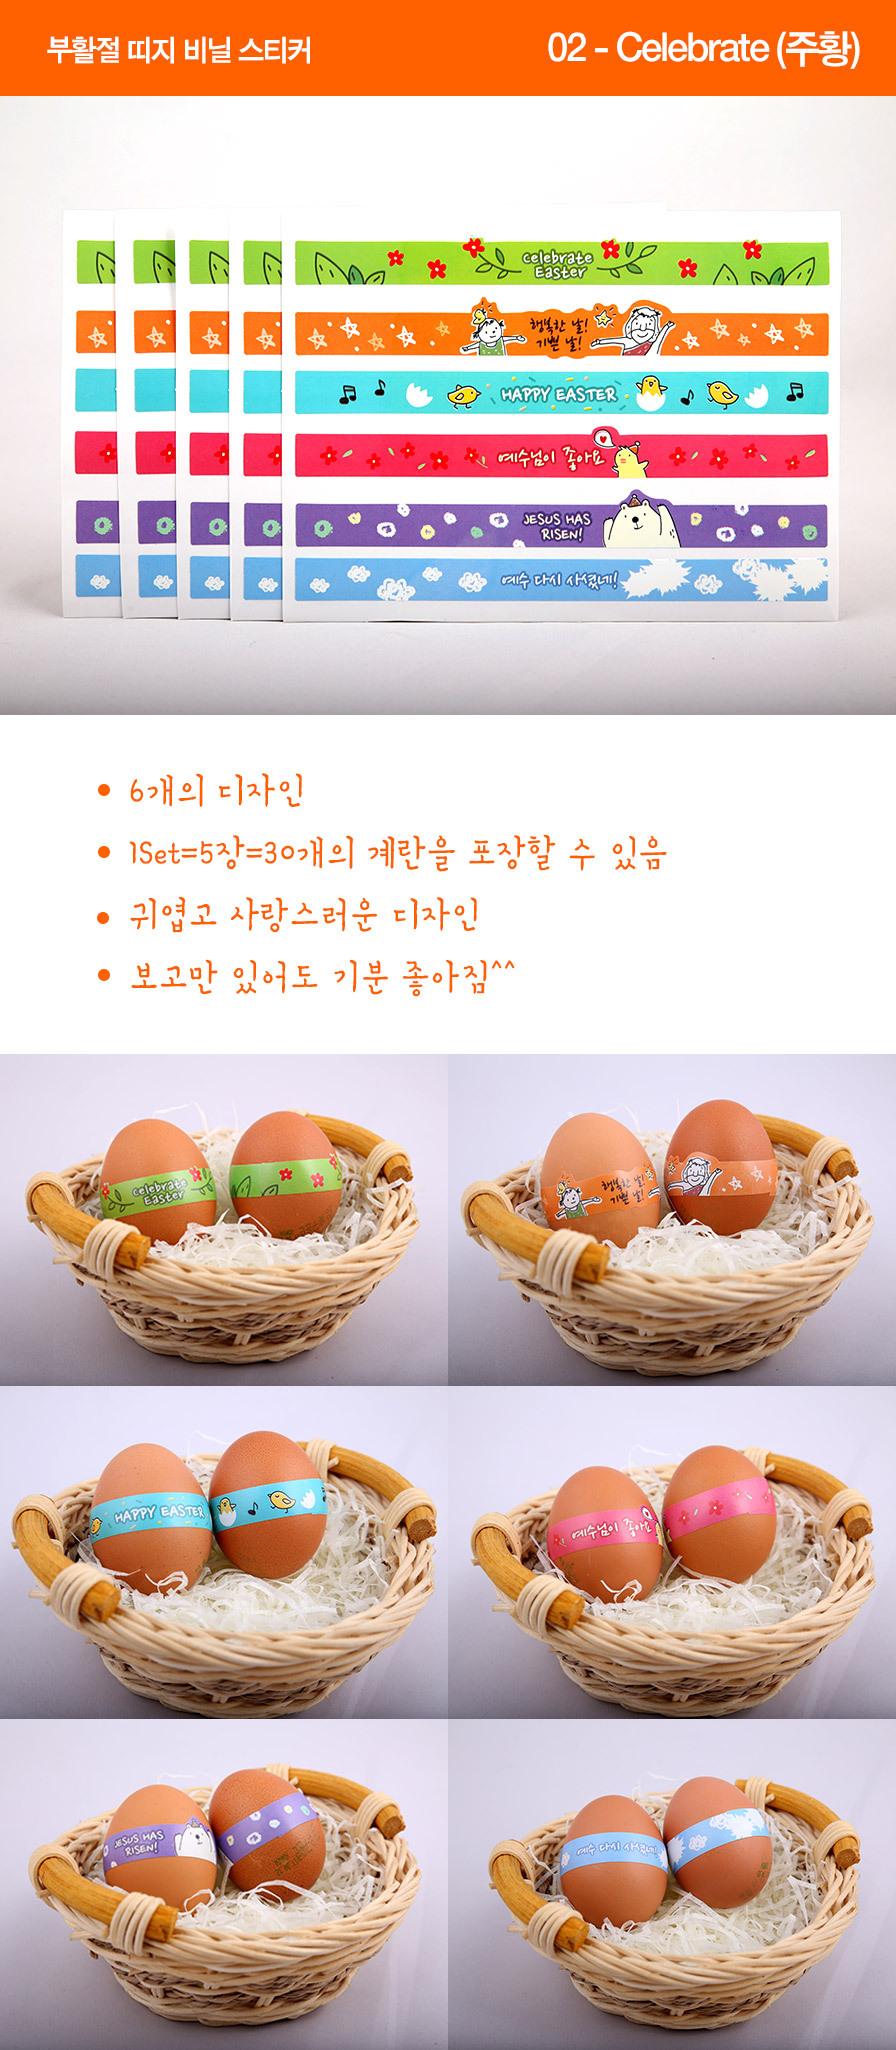 교회 부활절 달걀꾸미기 띠지스티커 2번 주황 (셀러브레��) 1세트에는 6개의 사랑스러운 디자인 스티커 5장이 들어 있어 계란 한 판, 30개의 계란을 포장할 수 있어요